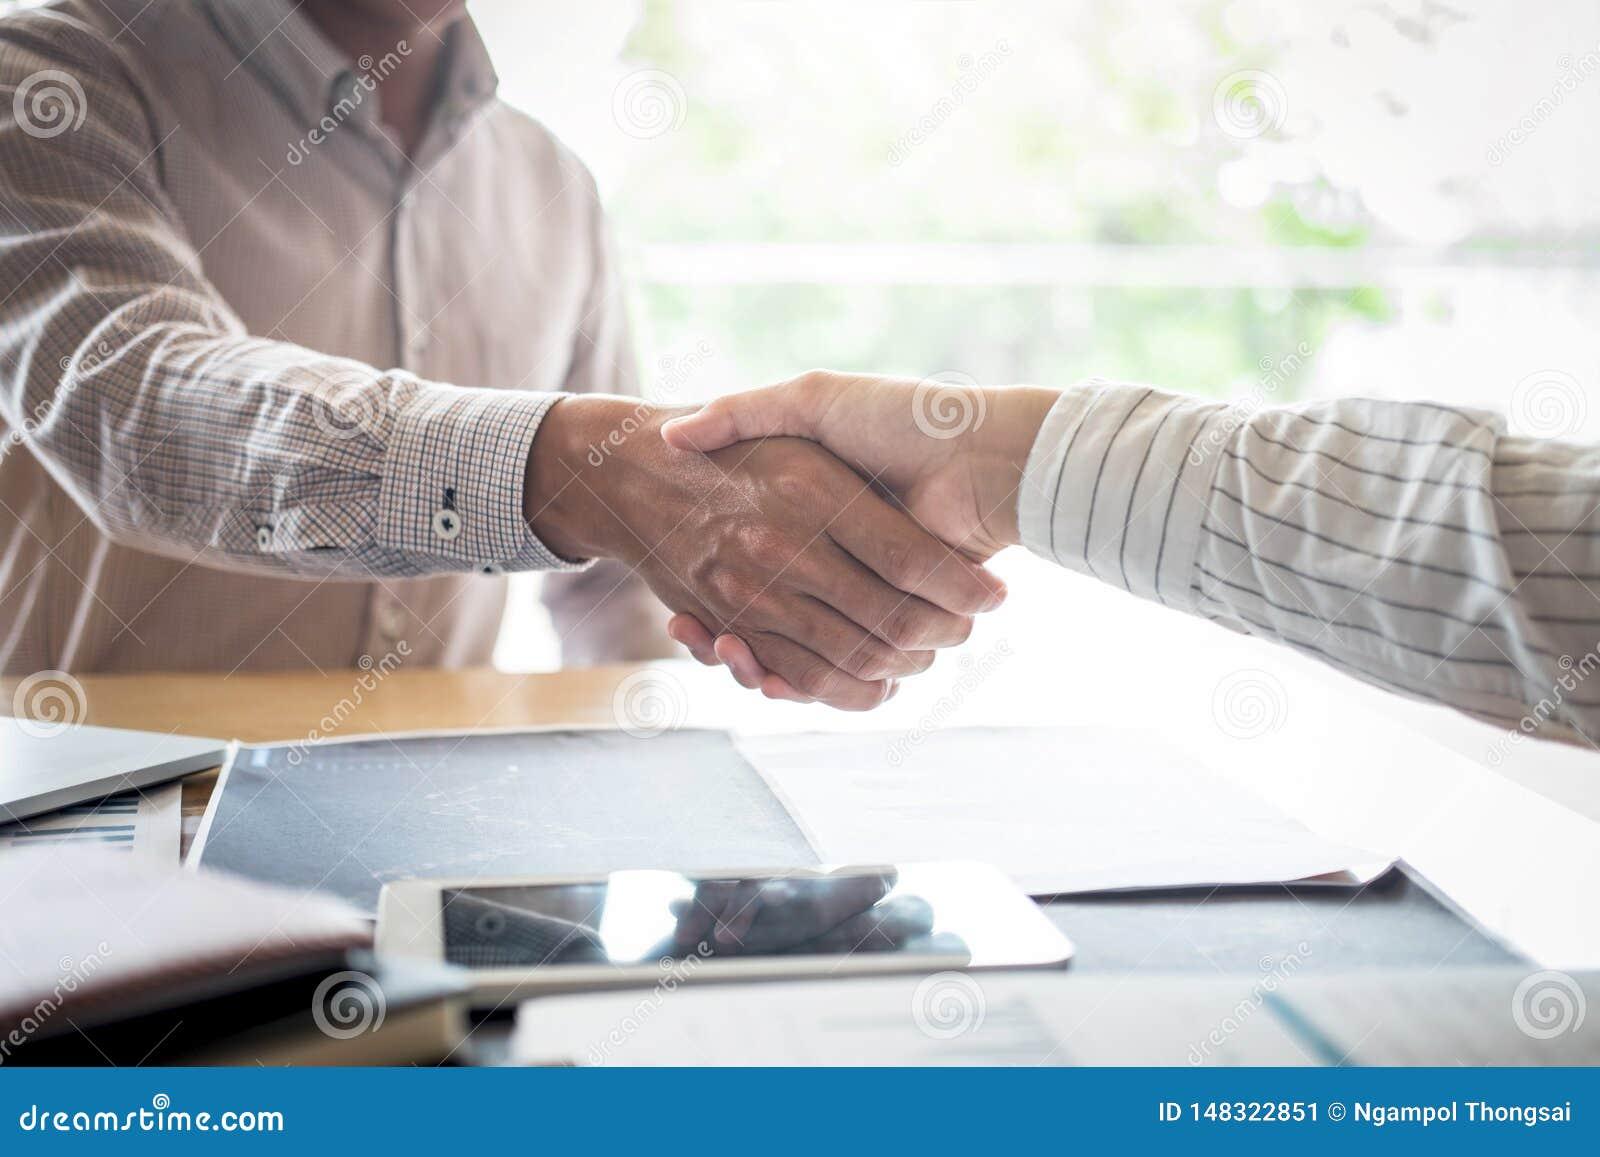 Finissant une r?union, poign?e de main de deux hommes d affaires heureux apr?s l accord contractuel de devenir un associ?, de col